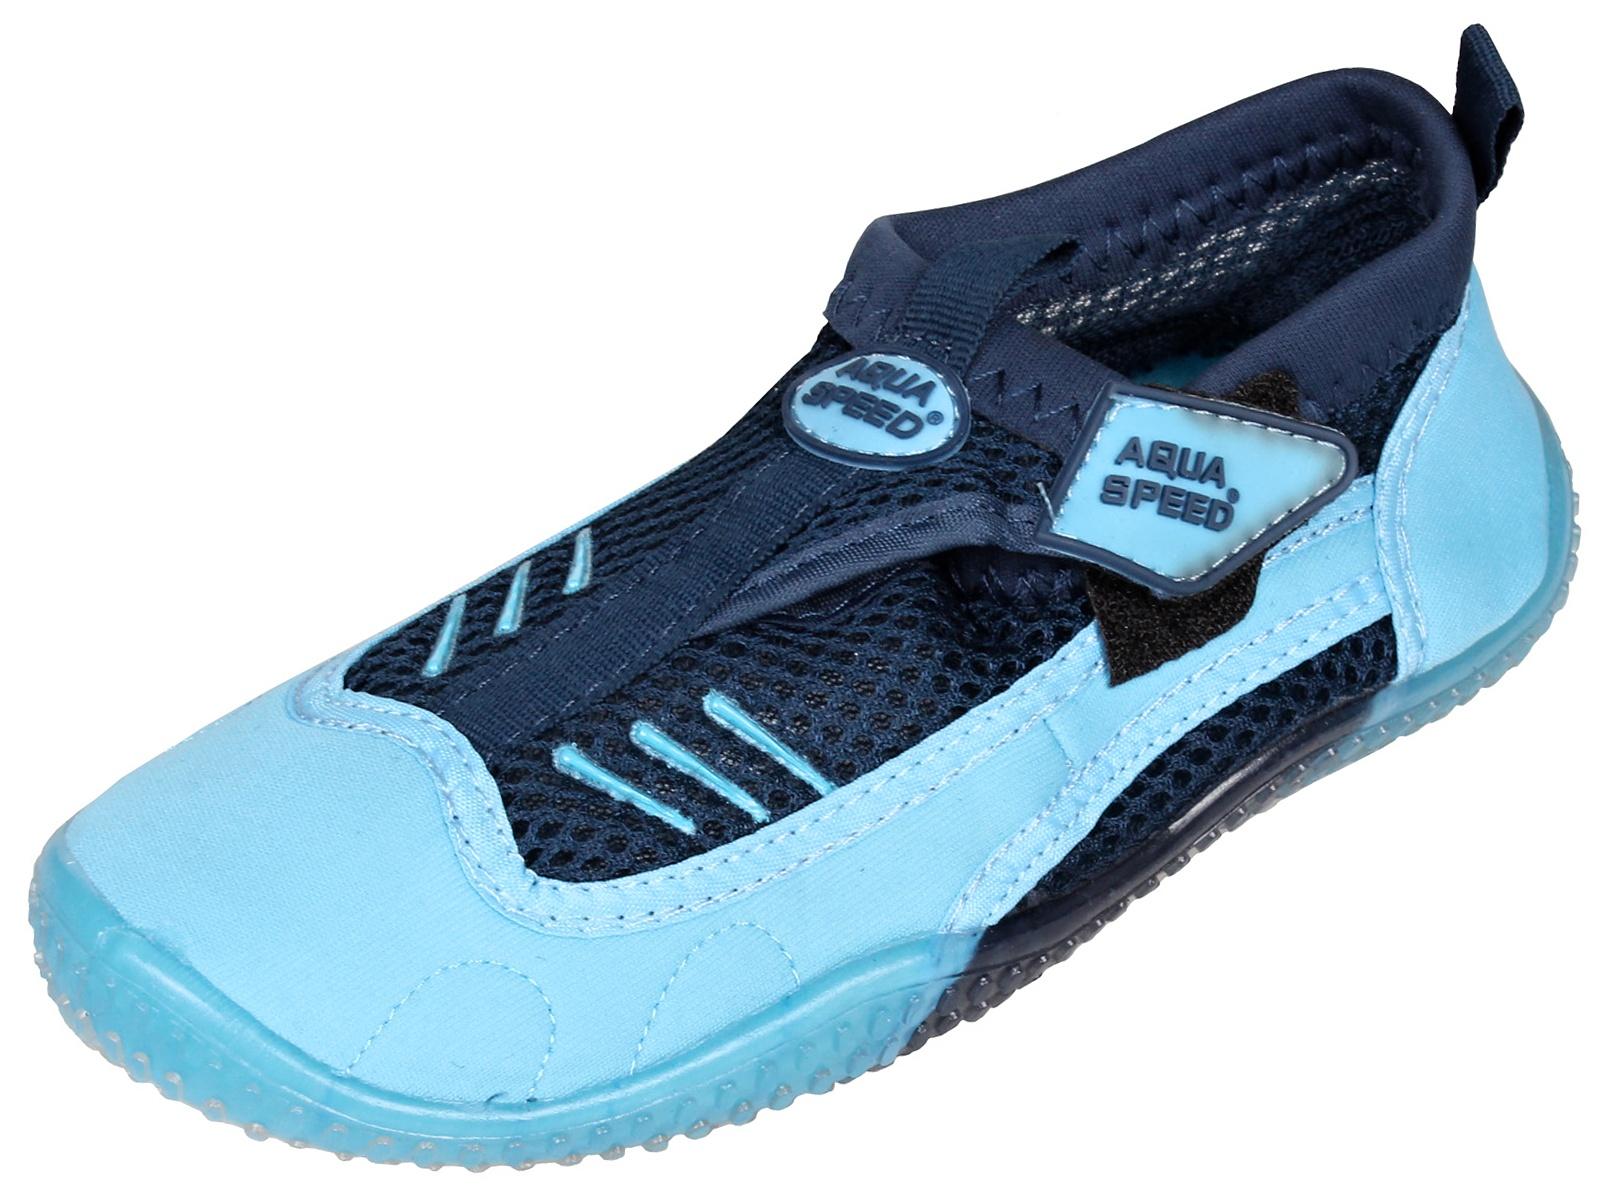 Boty do vody AQUA-SPEED 7A modré - vel. 35